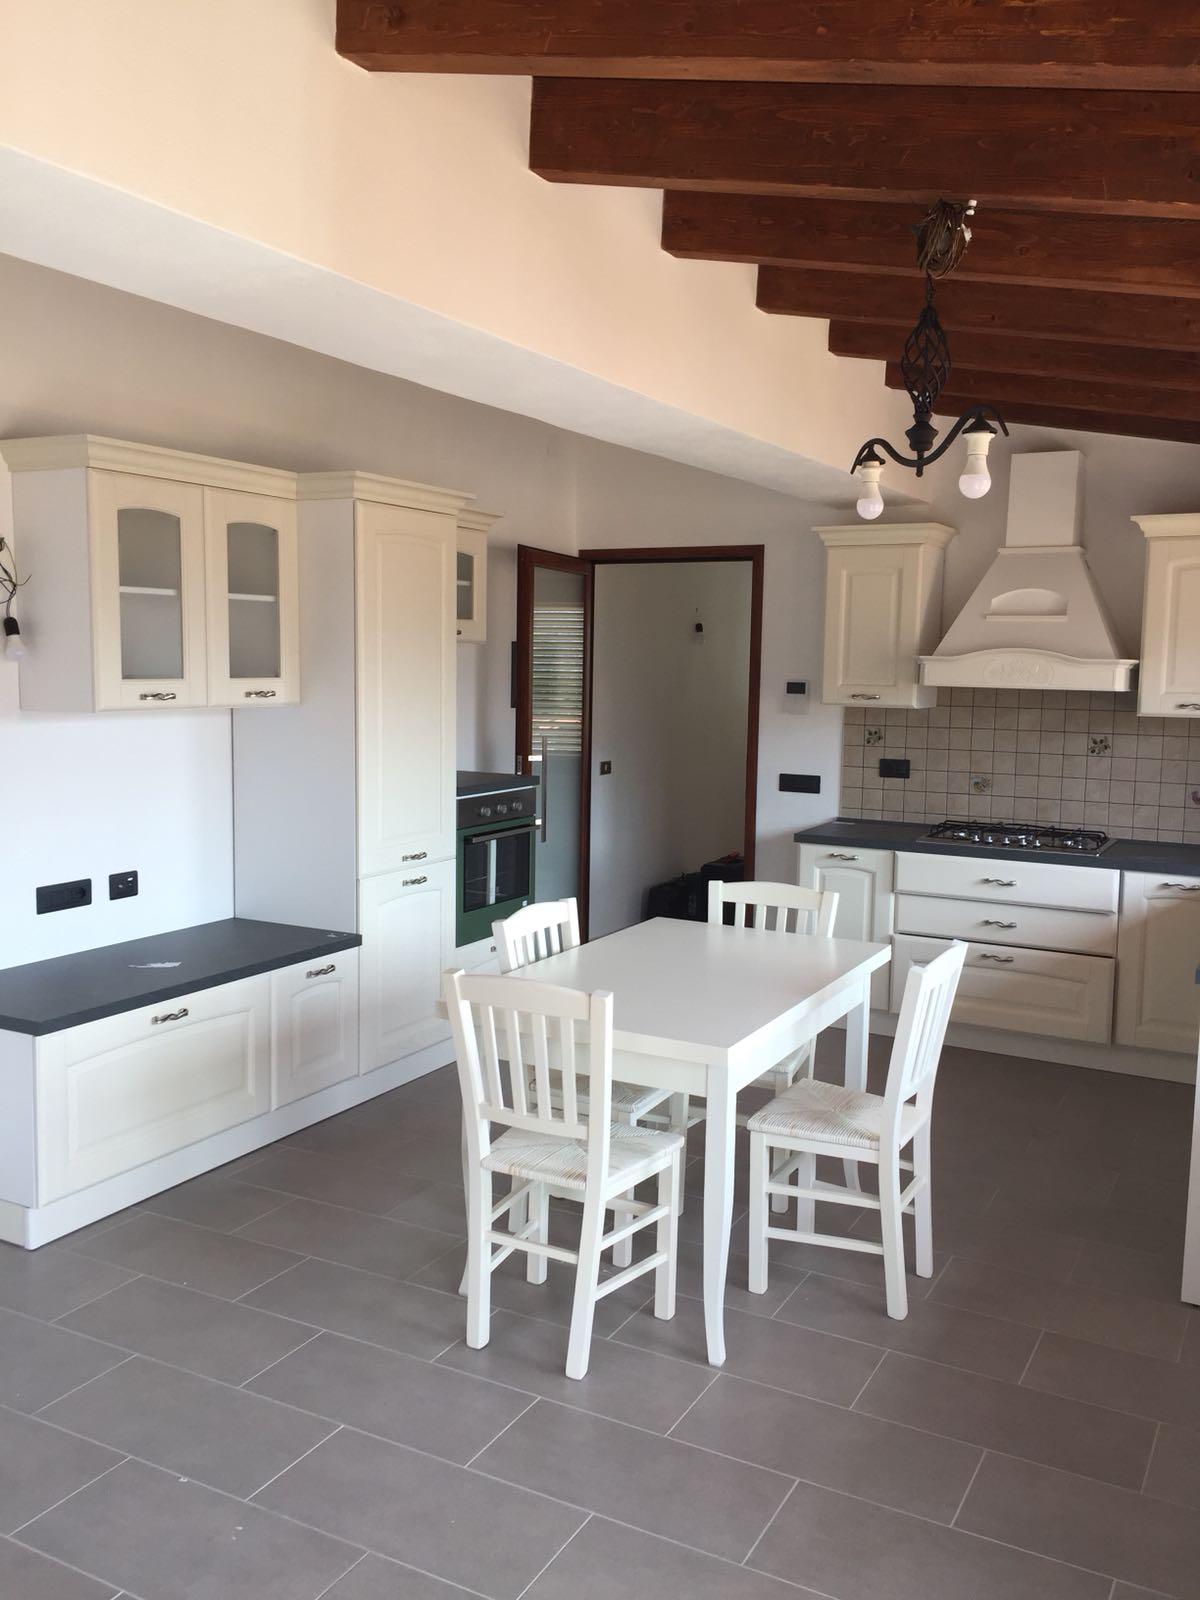 Cucine Cagliari Arredi 2000 0713 WA0003